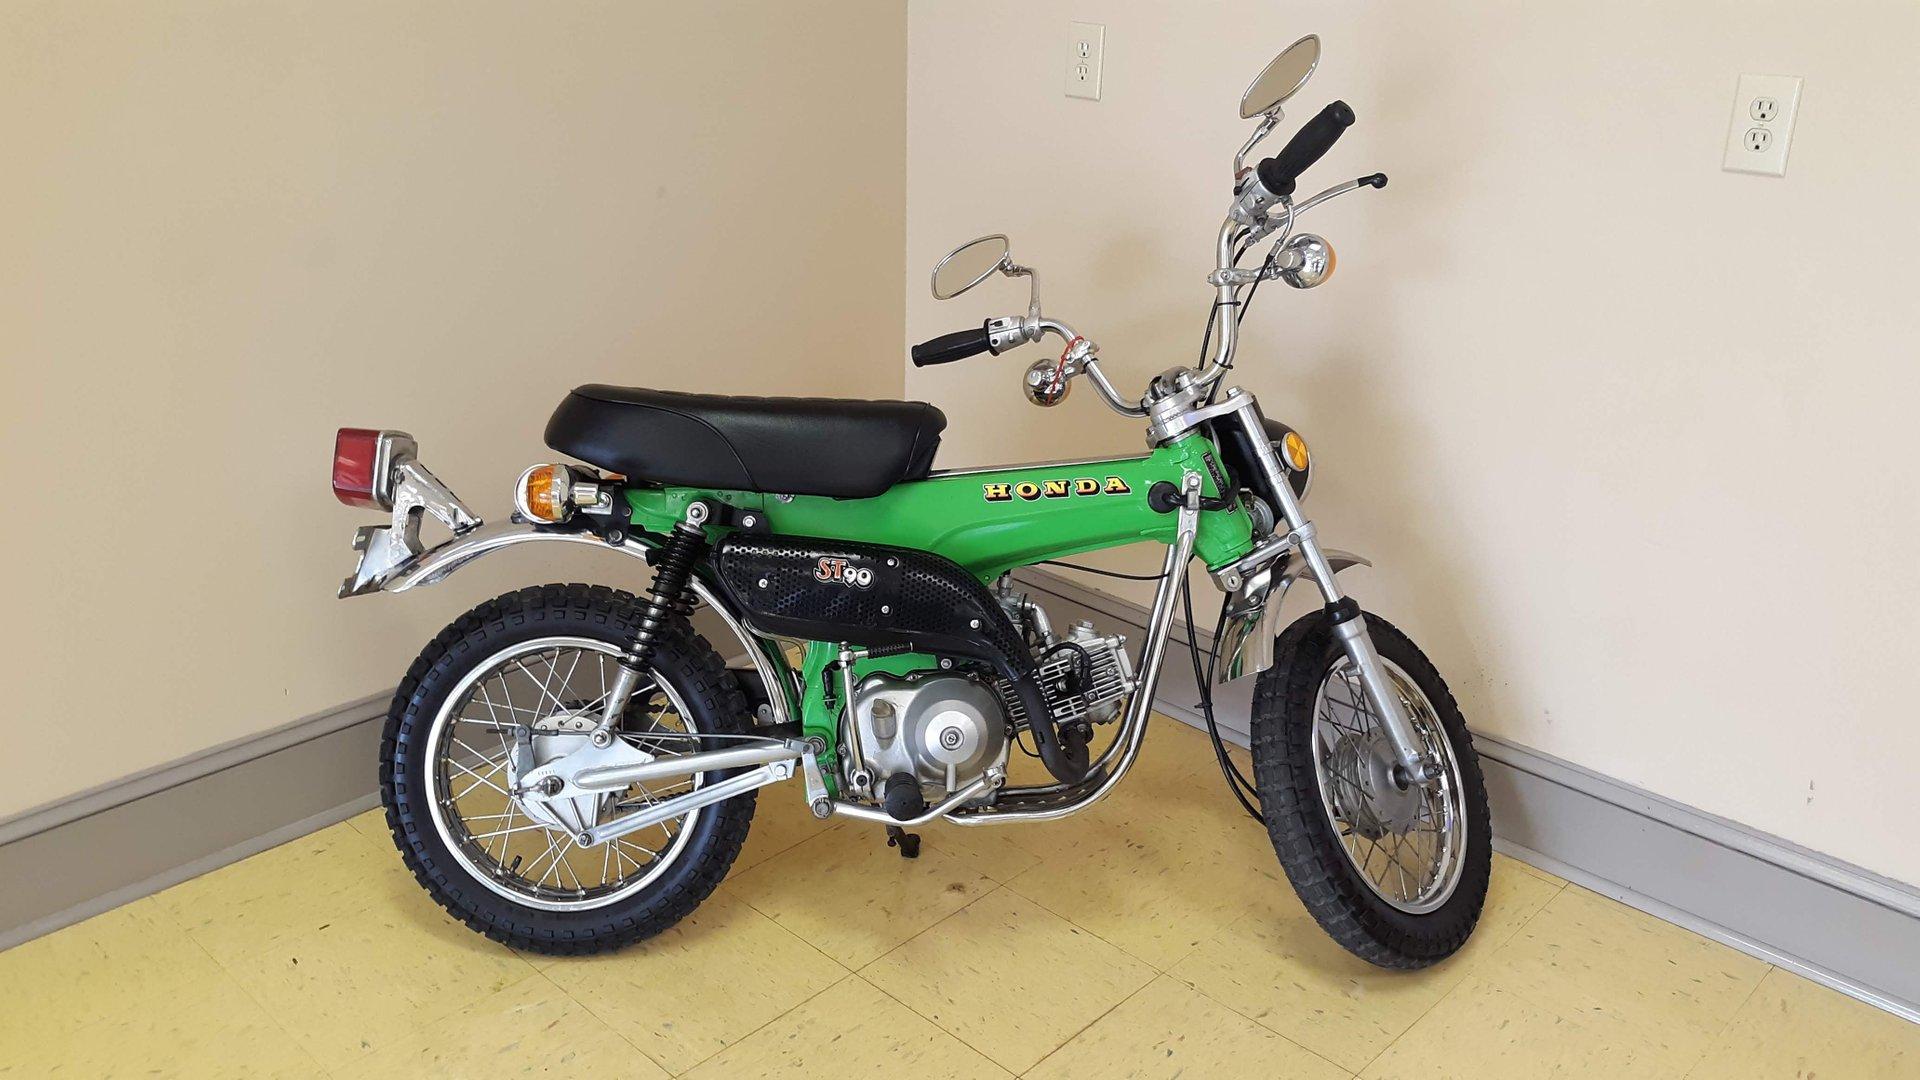 1973 honda st 90